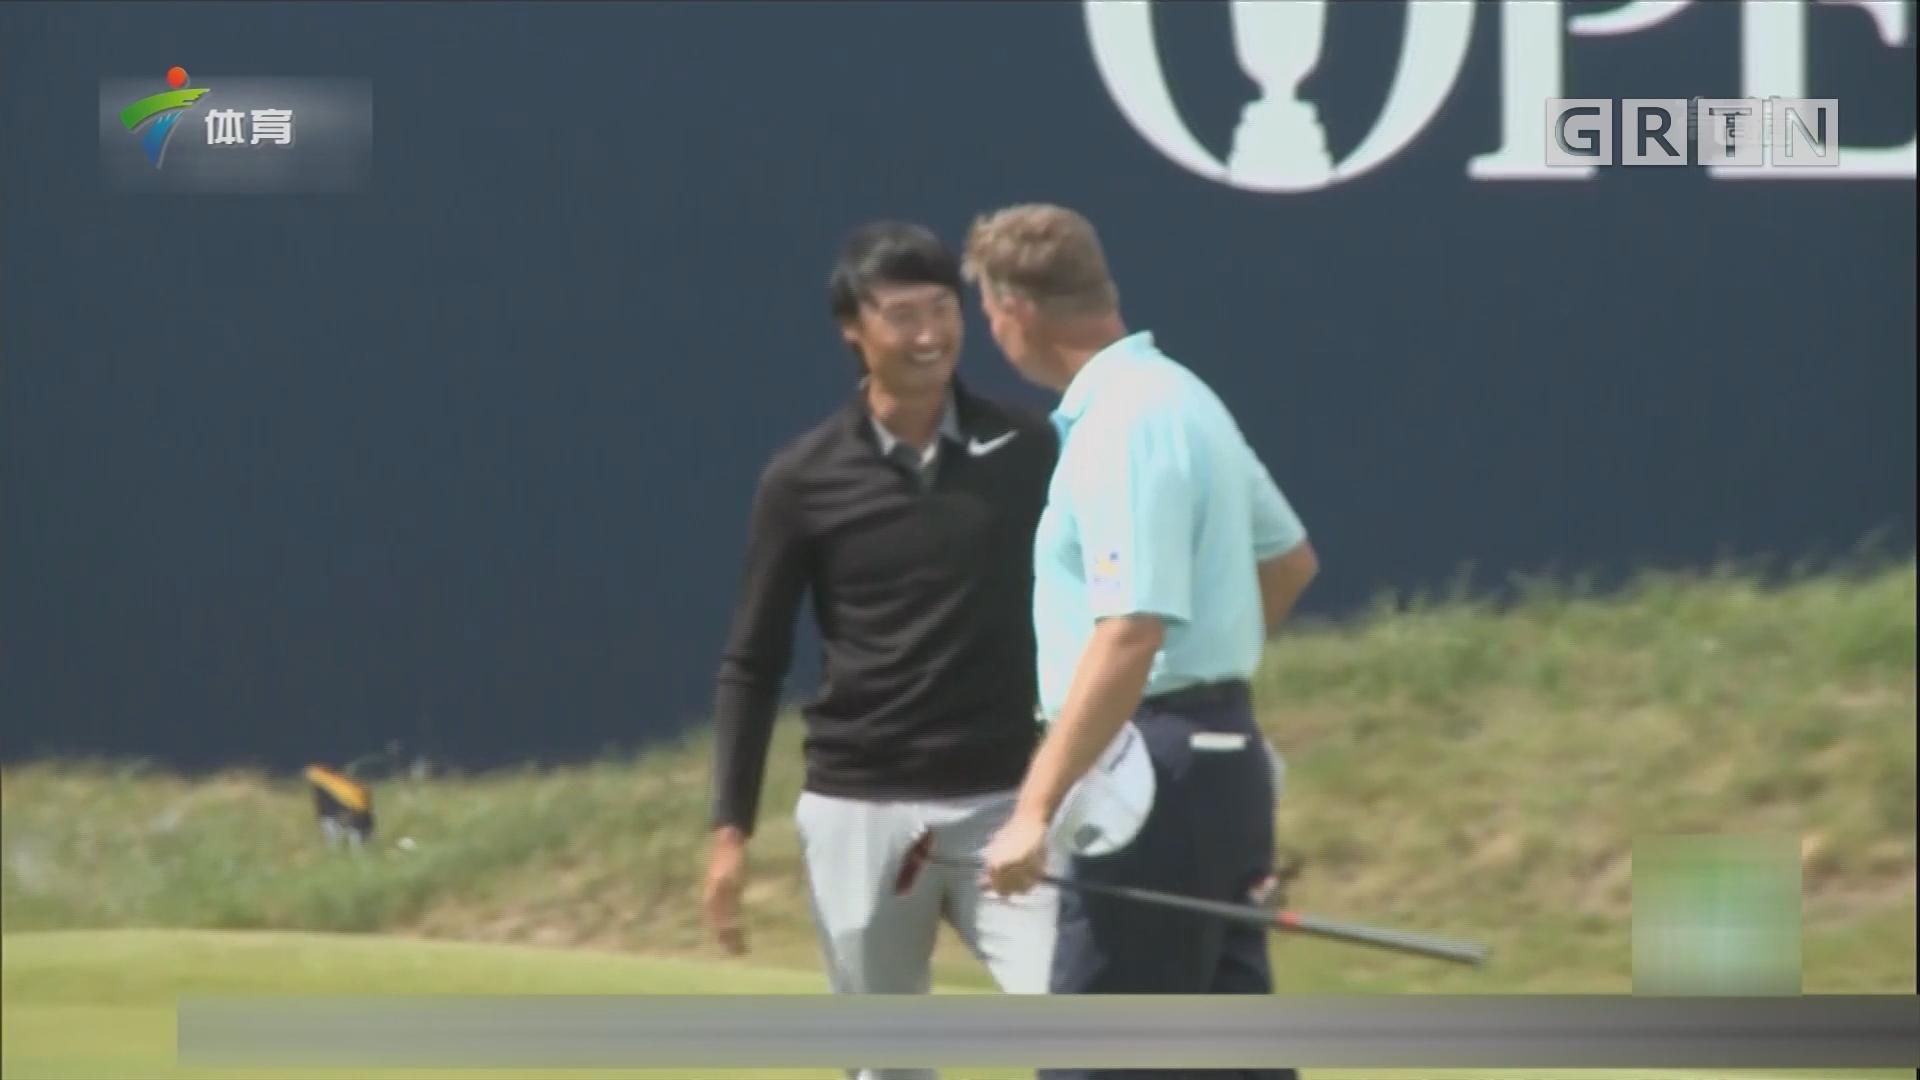 英国高尔夫公开赛 李昊桐创历史最佳